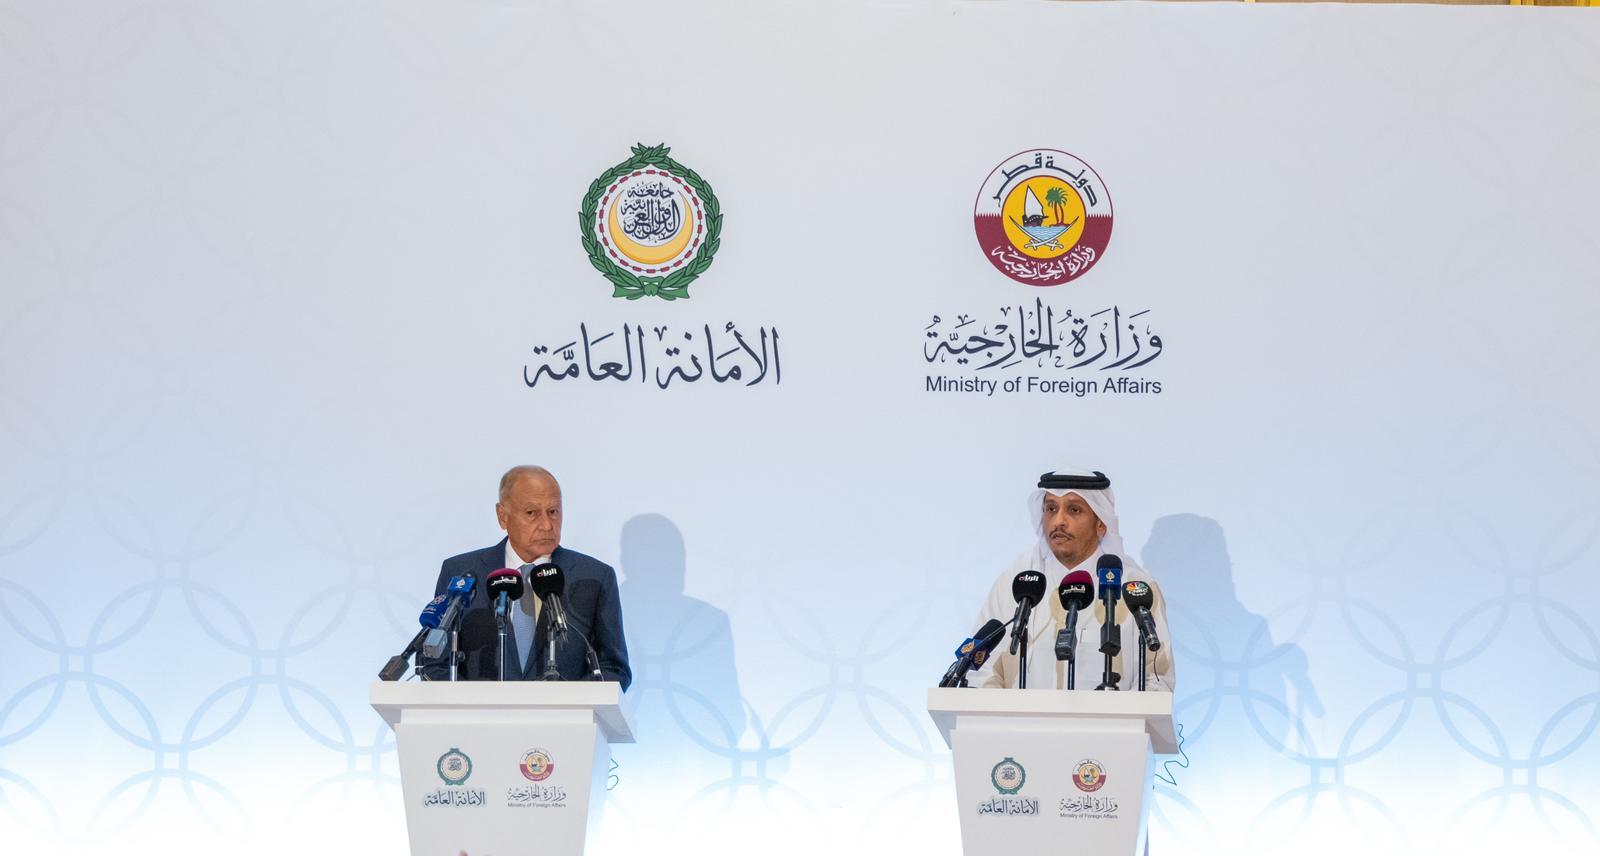 نائب رئيس مجلس الوزراء وزير الخارجية: هناك موقف عربي موحد حيال أزمة سد النهضة